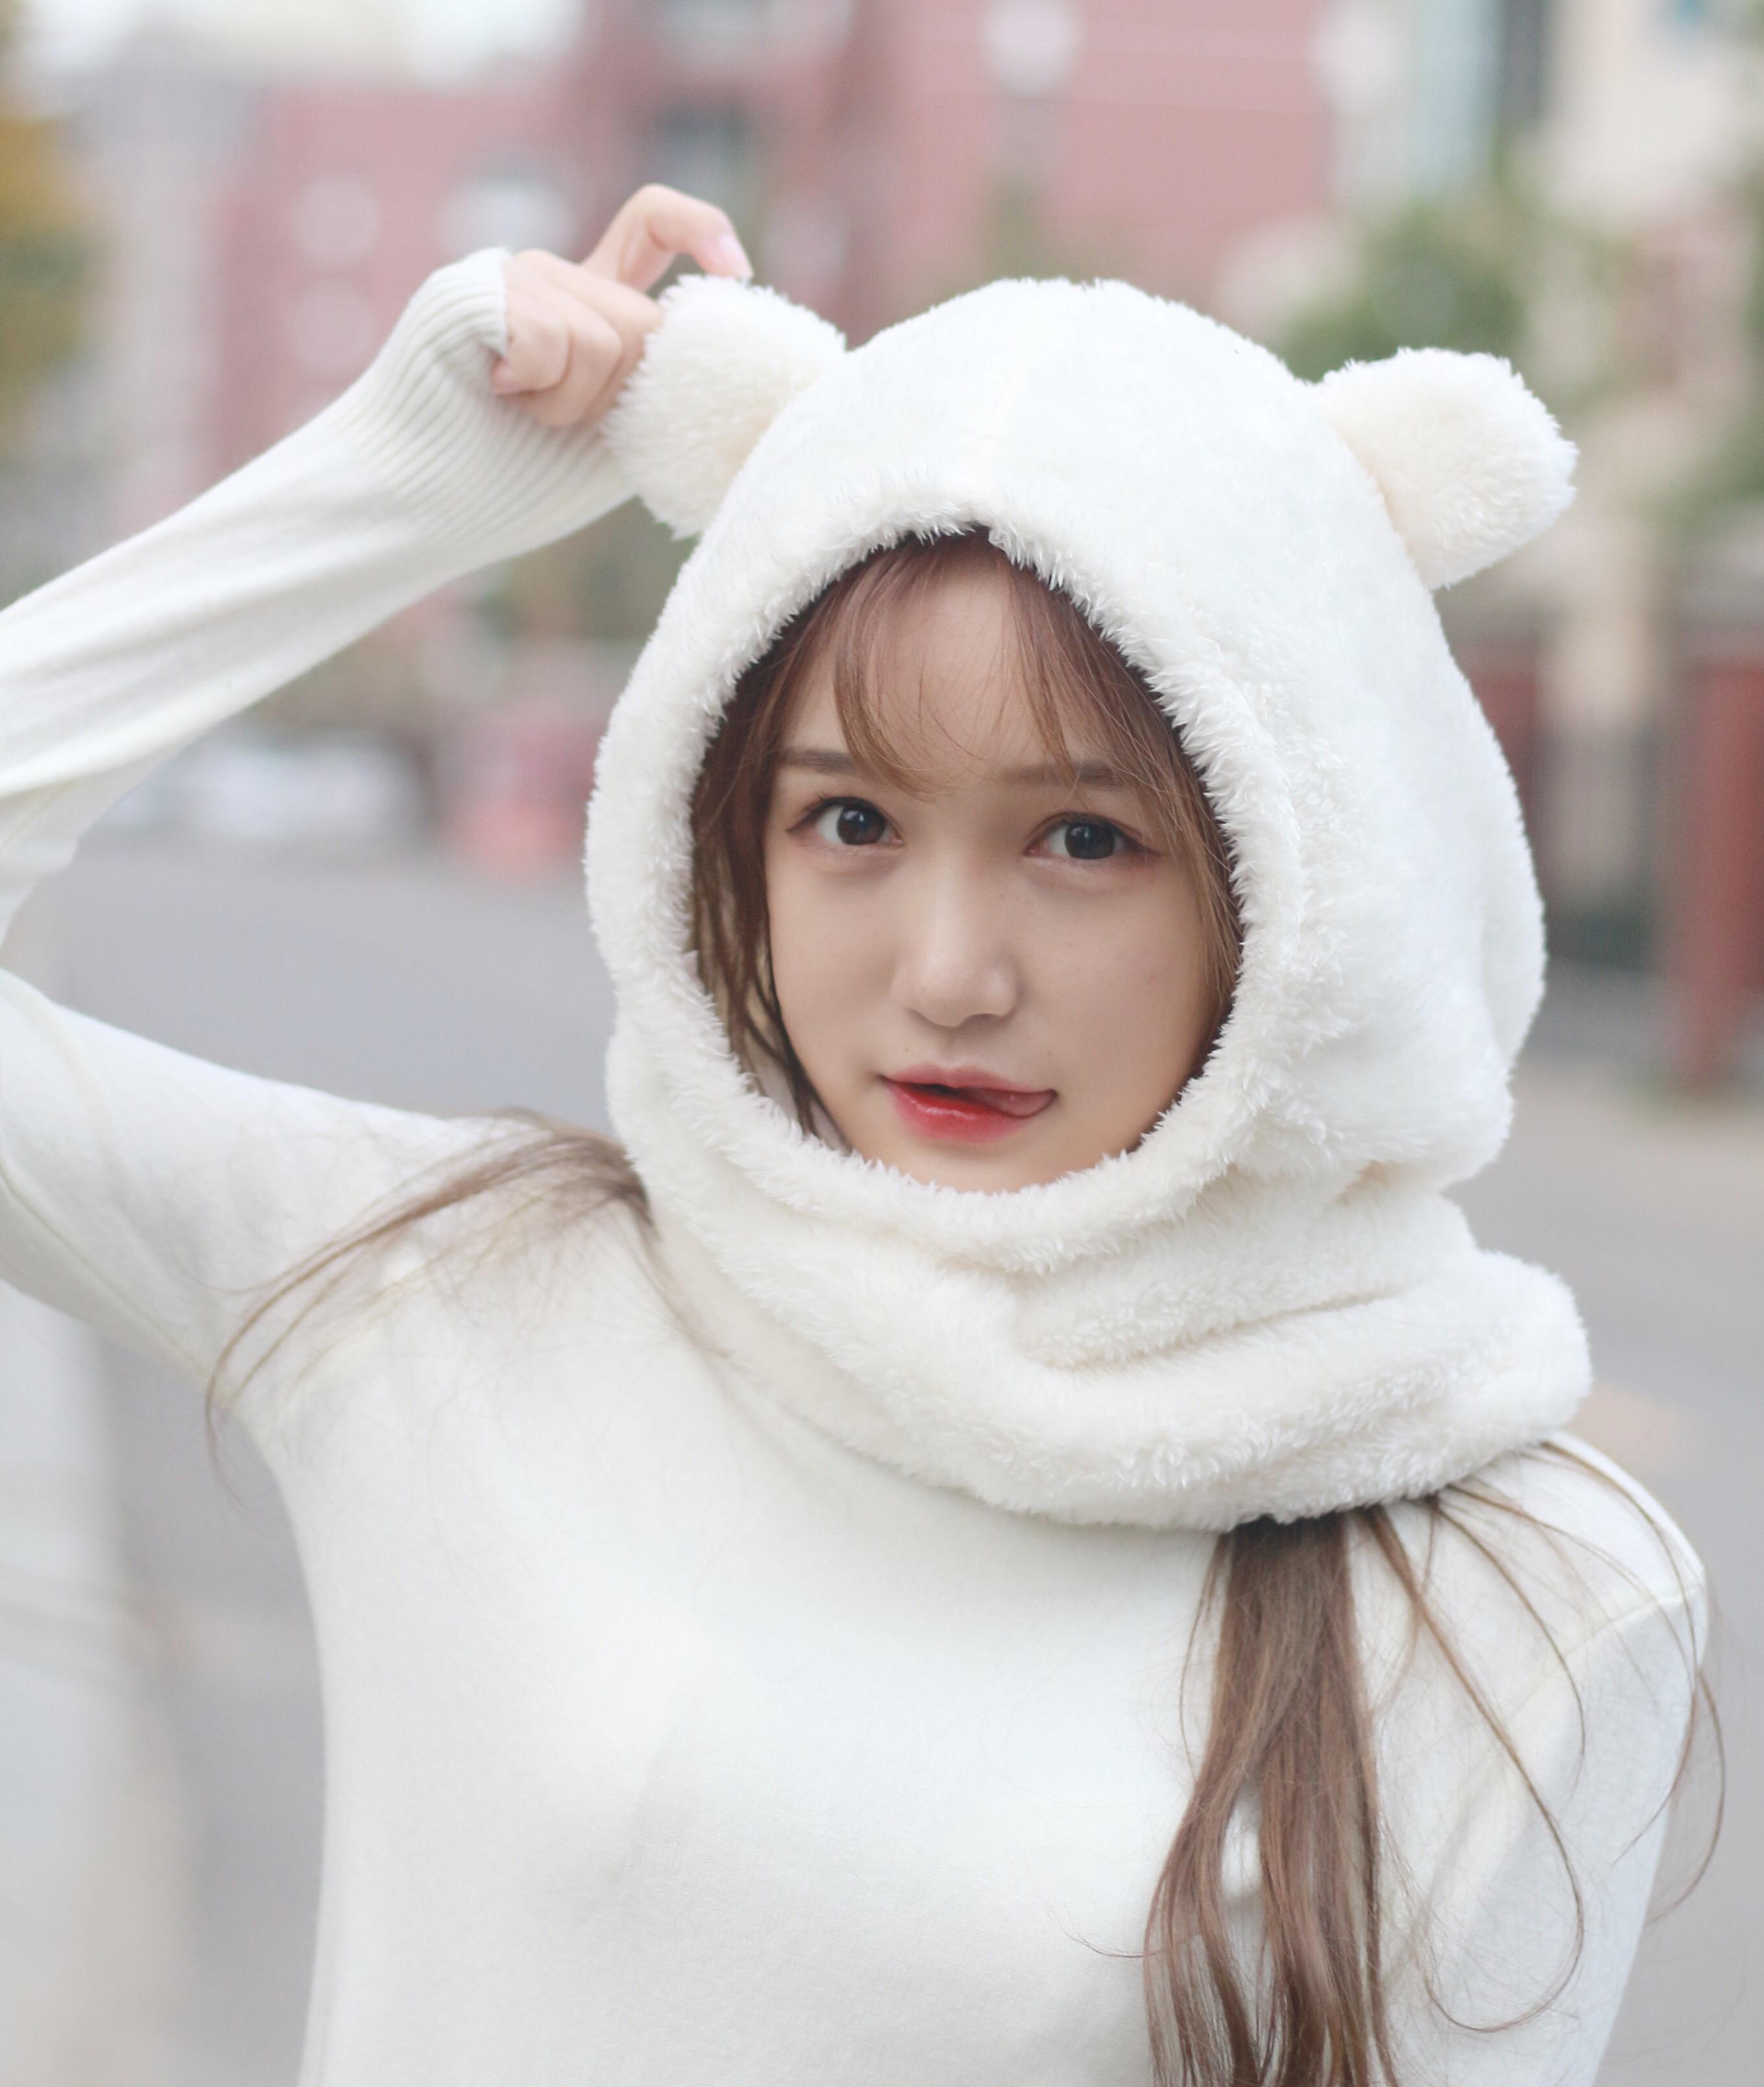 实拍   秋冬毛绒绒熊耳帽可爱男女通用羊毛羔保暖帽子围巾一体